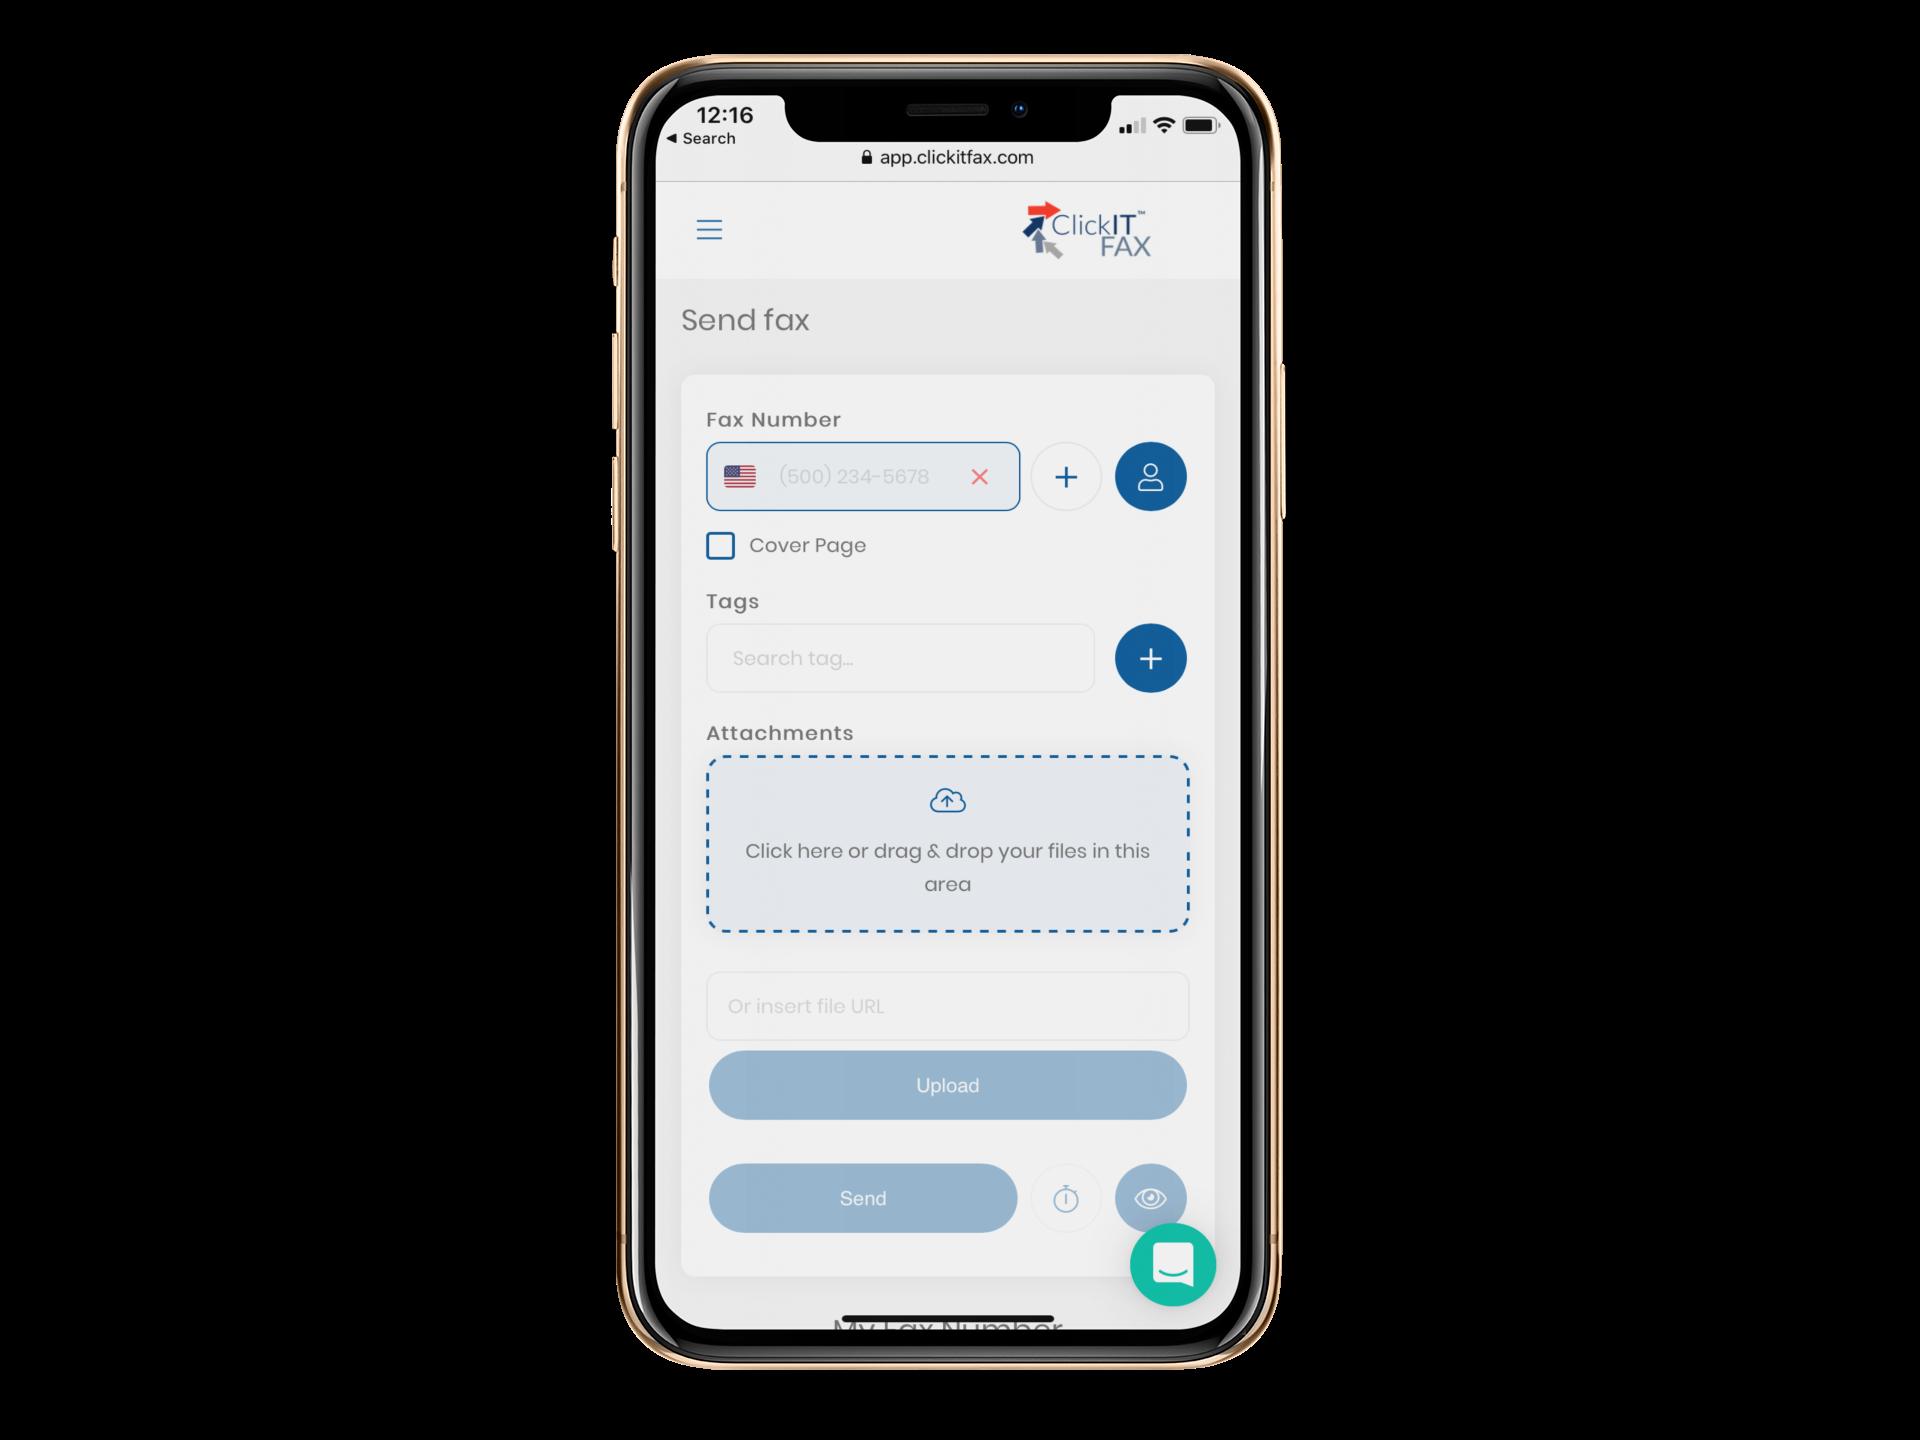 ClickITFax mobile app